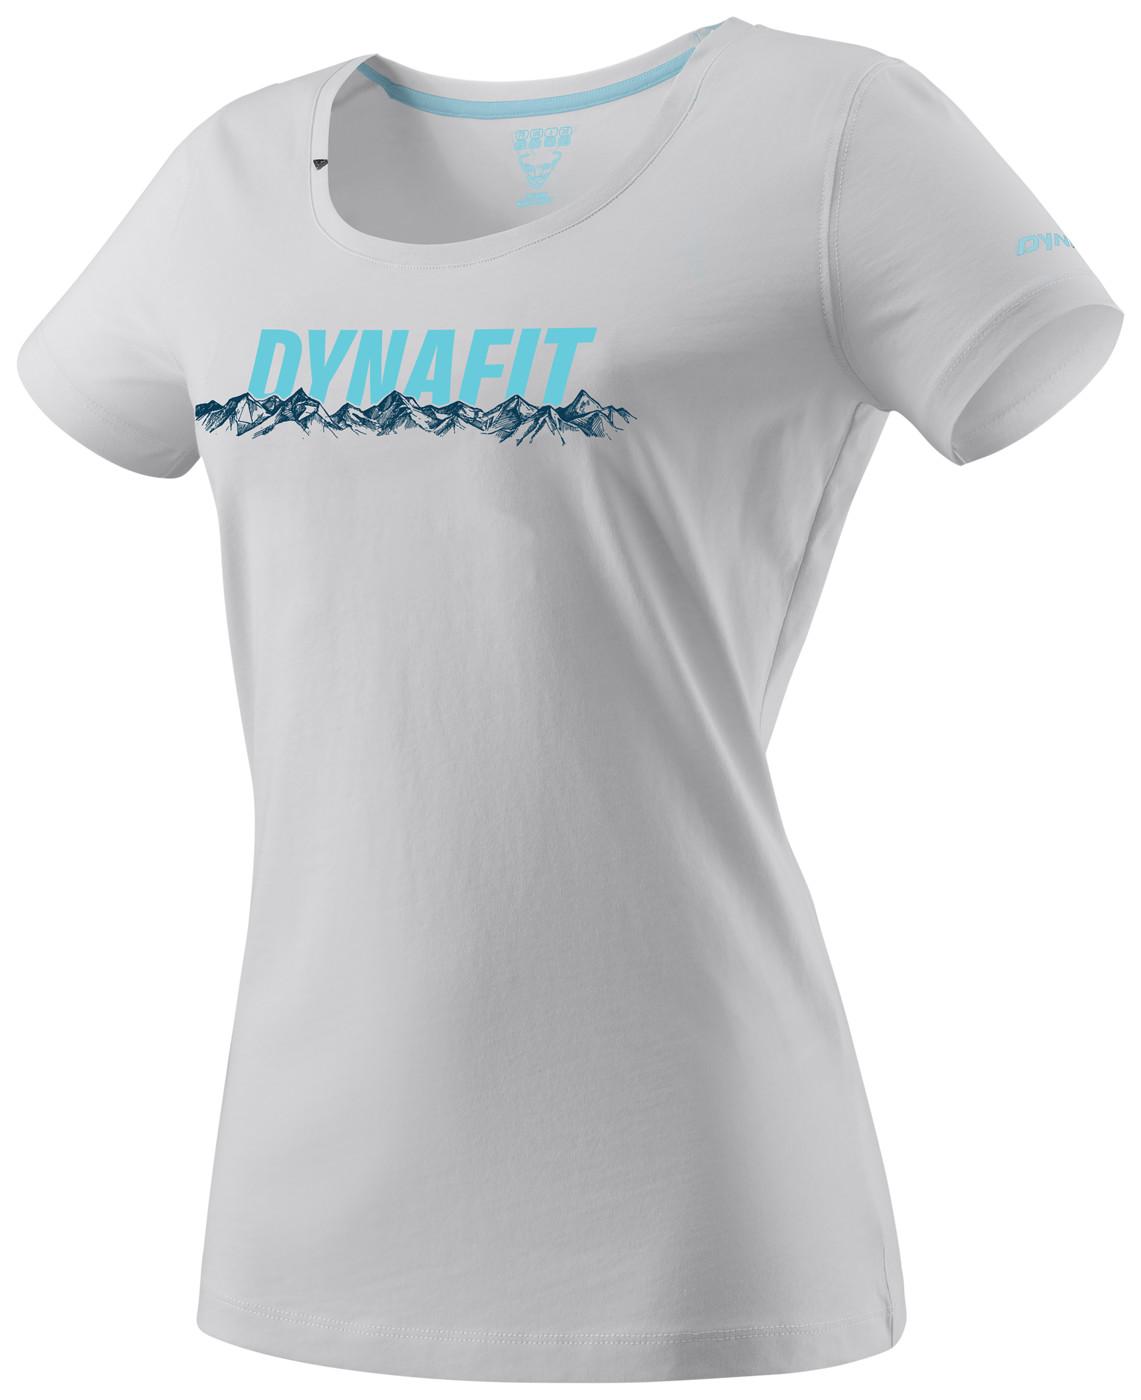 DYNAFIT Graphic Cotton T-Shirt W GRAPHIC COTTON T-SHIRT - Damen